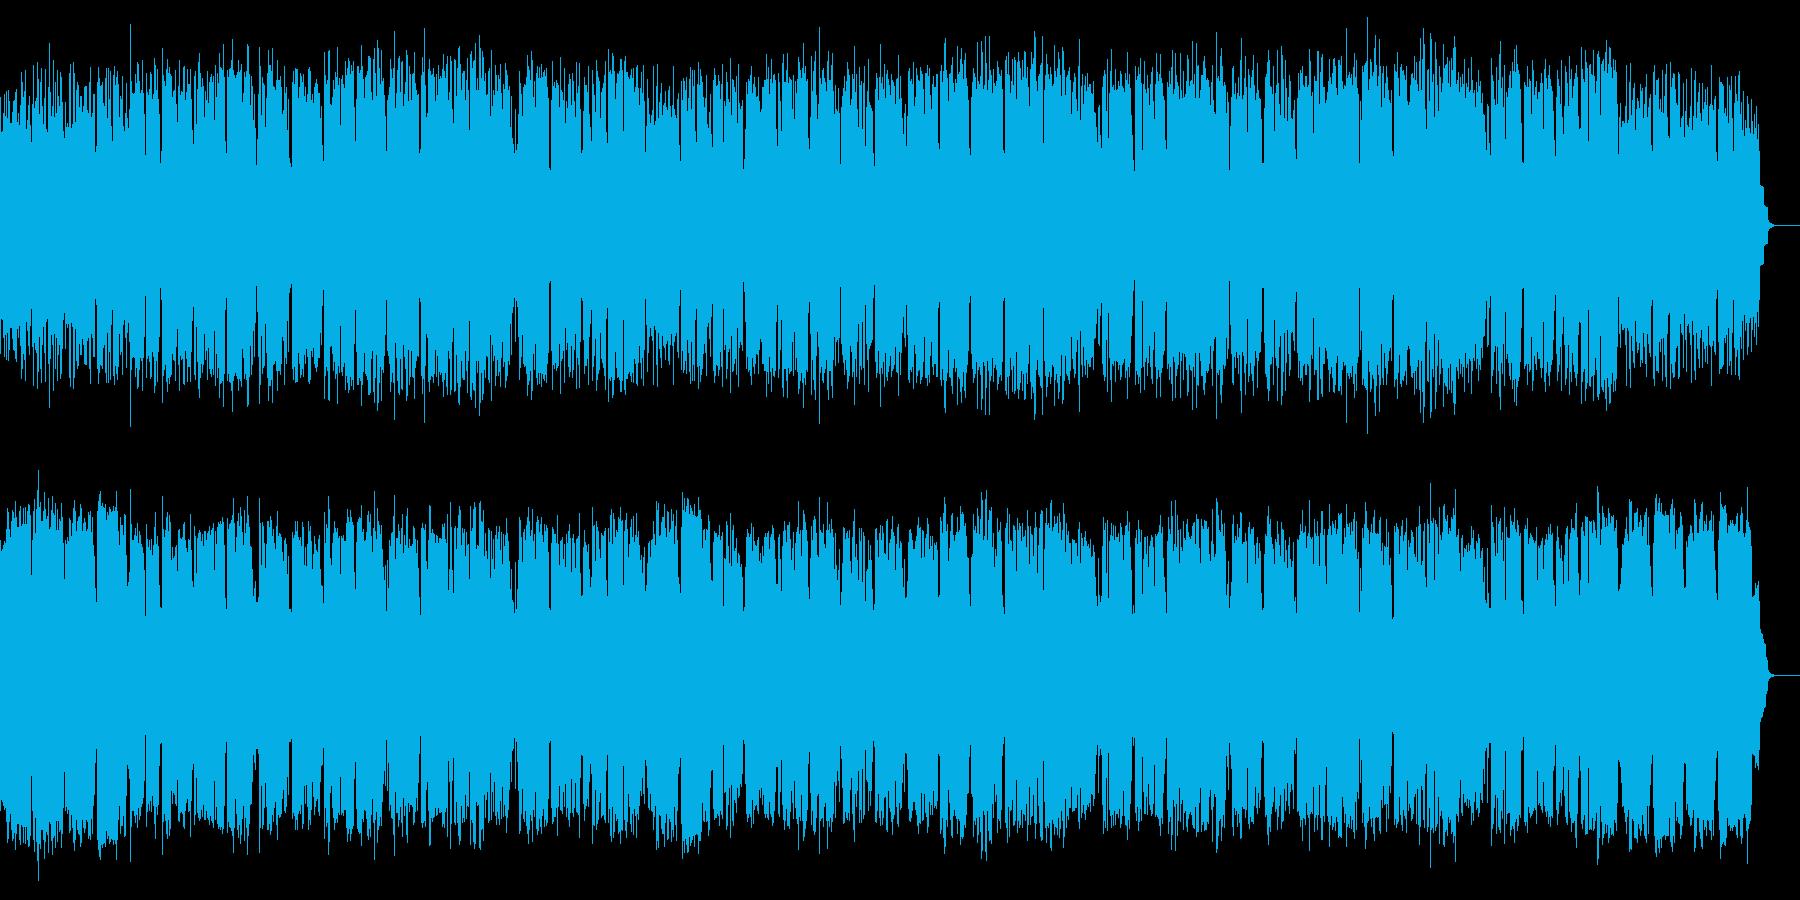 昭和レトロなタンゴの透明感あるソプラノ歌の再生済みの波形